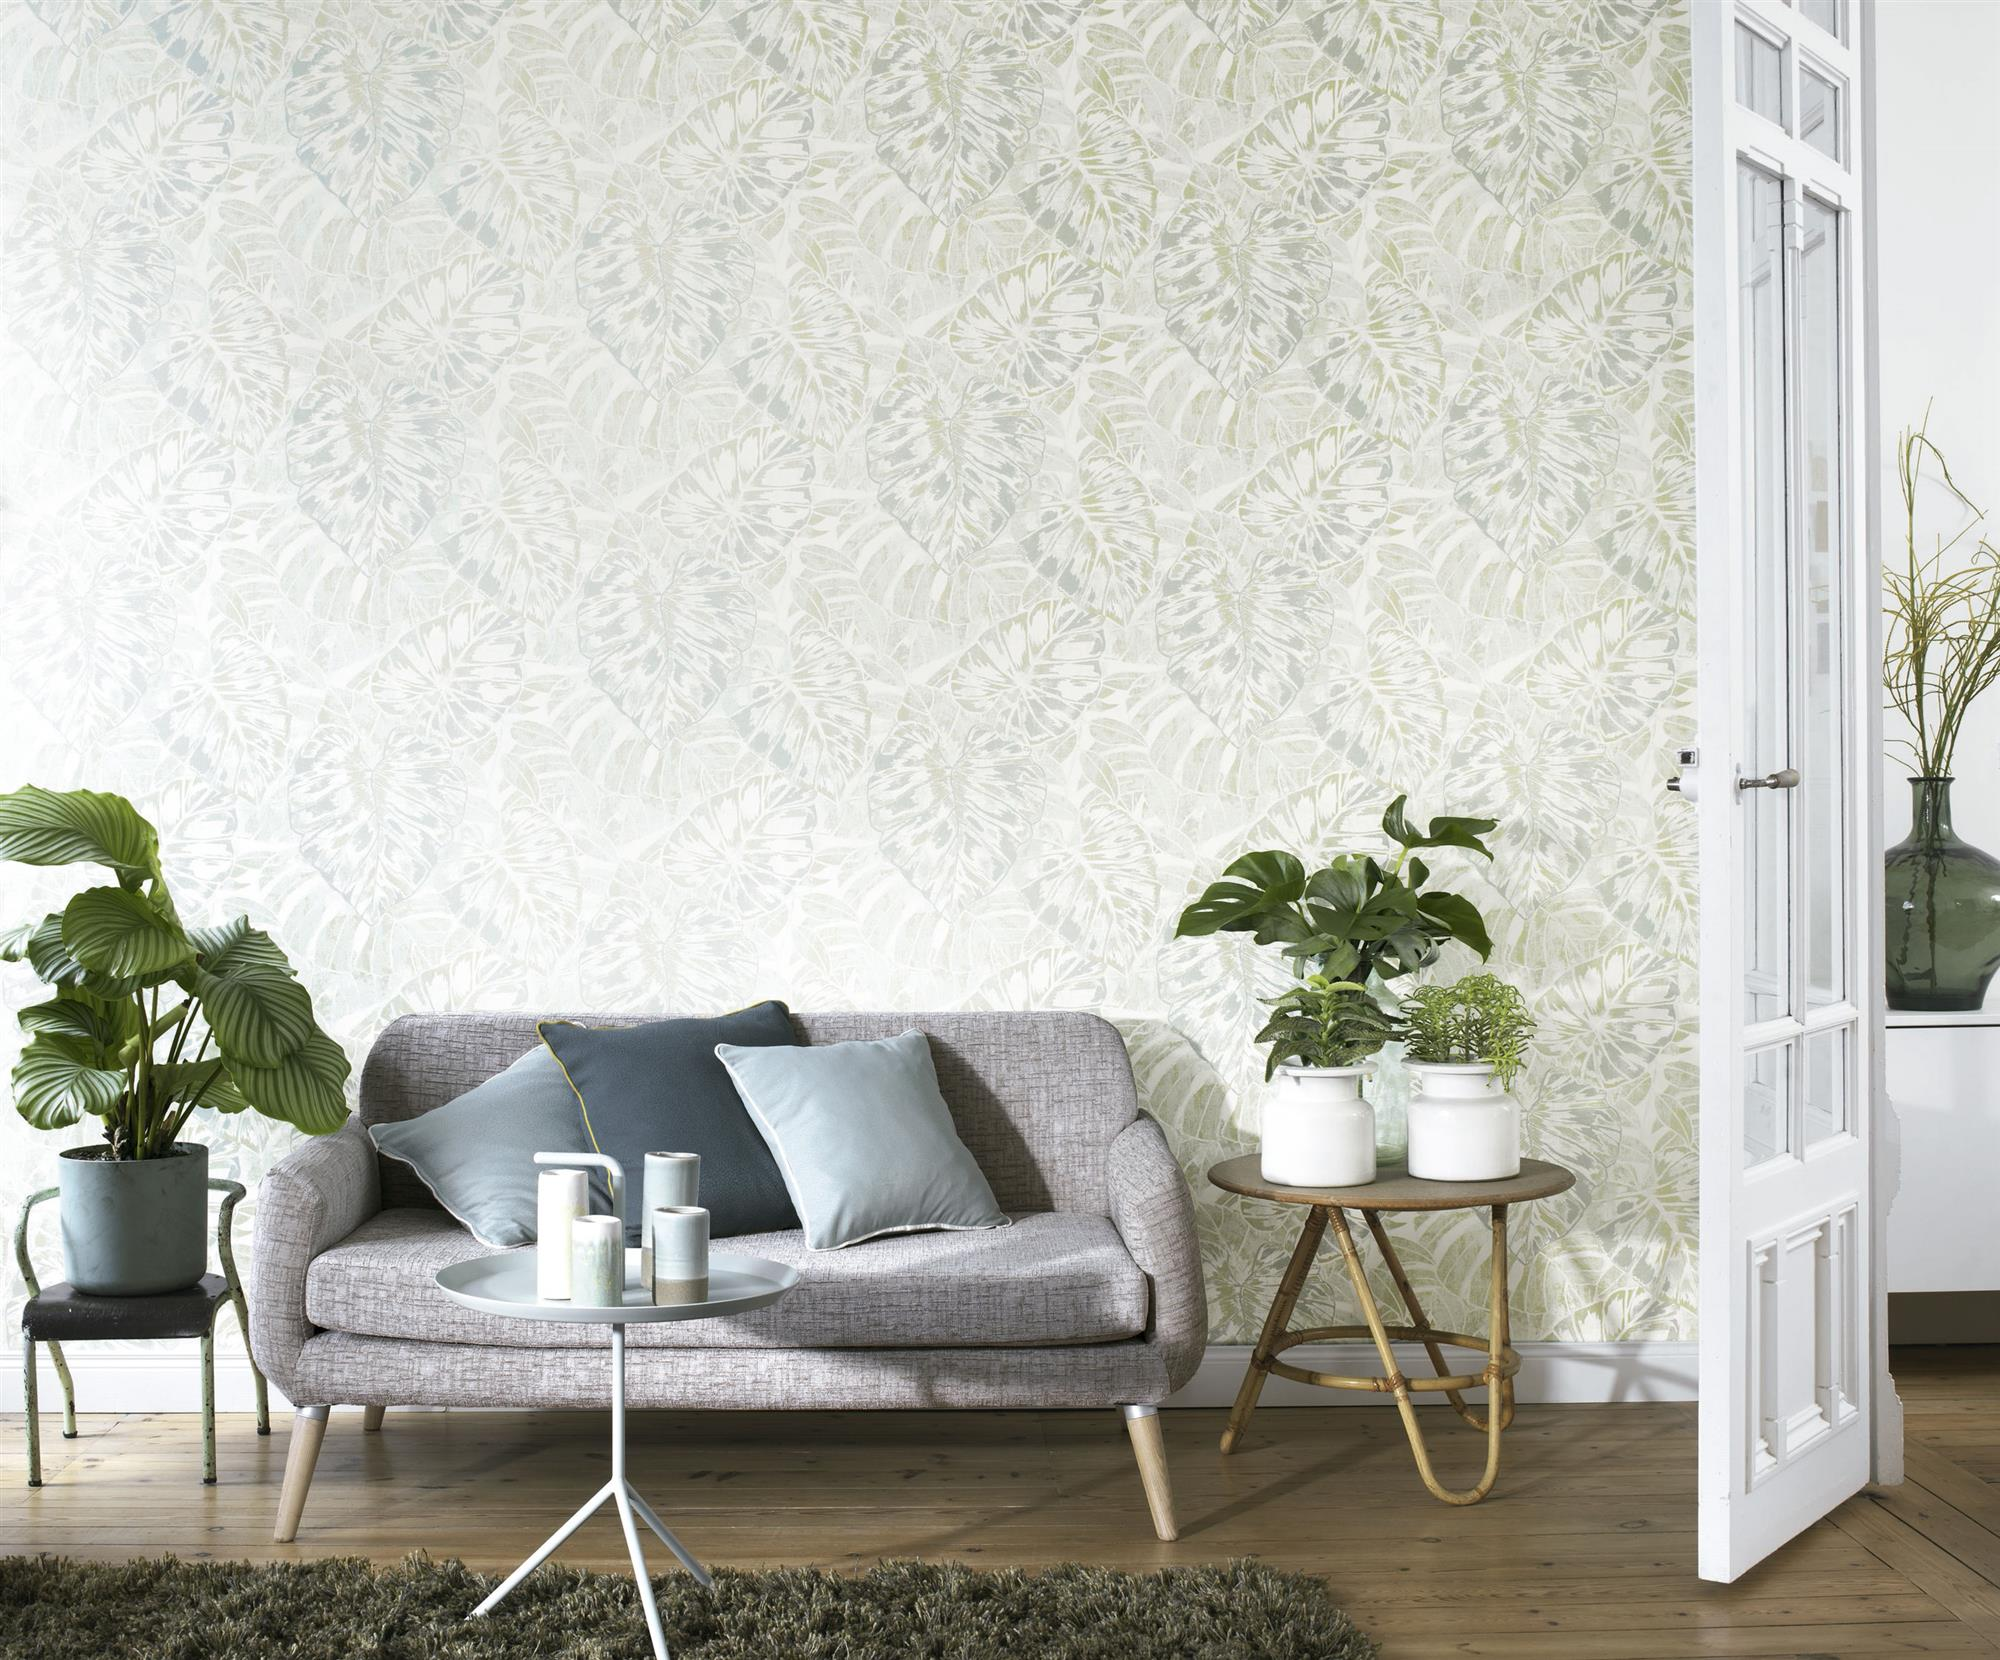 Salones muebles para la decoraci n del sal n comedor el for Papel pintado salon marron